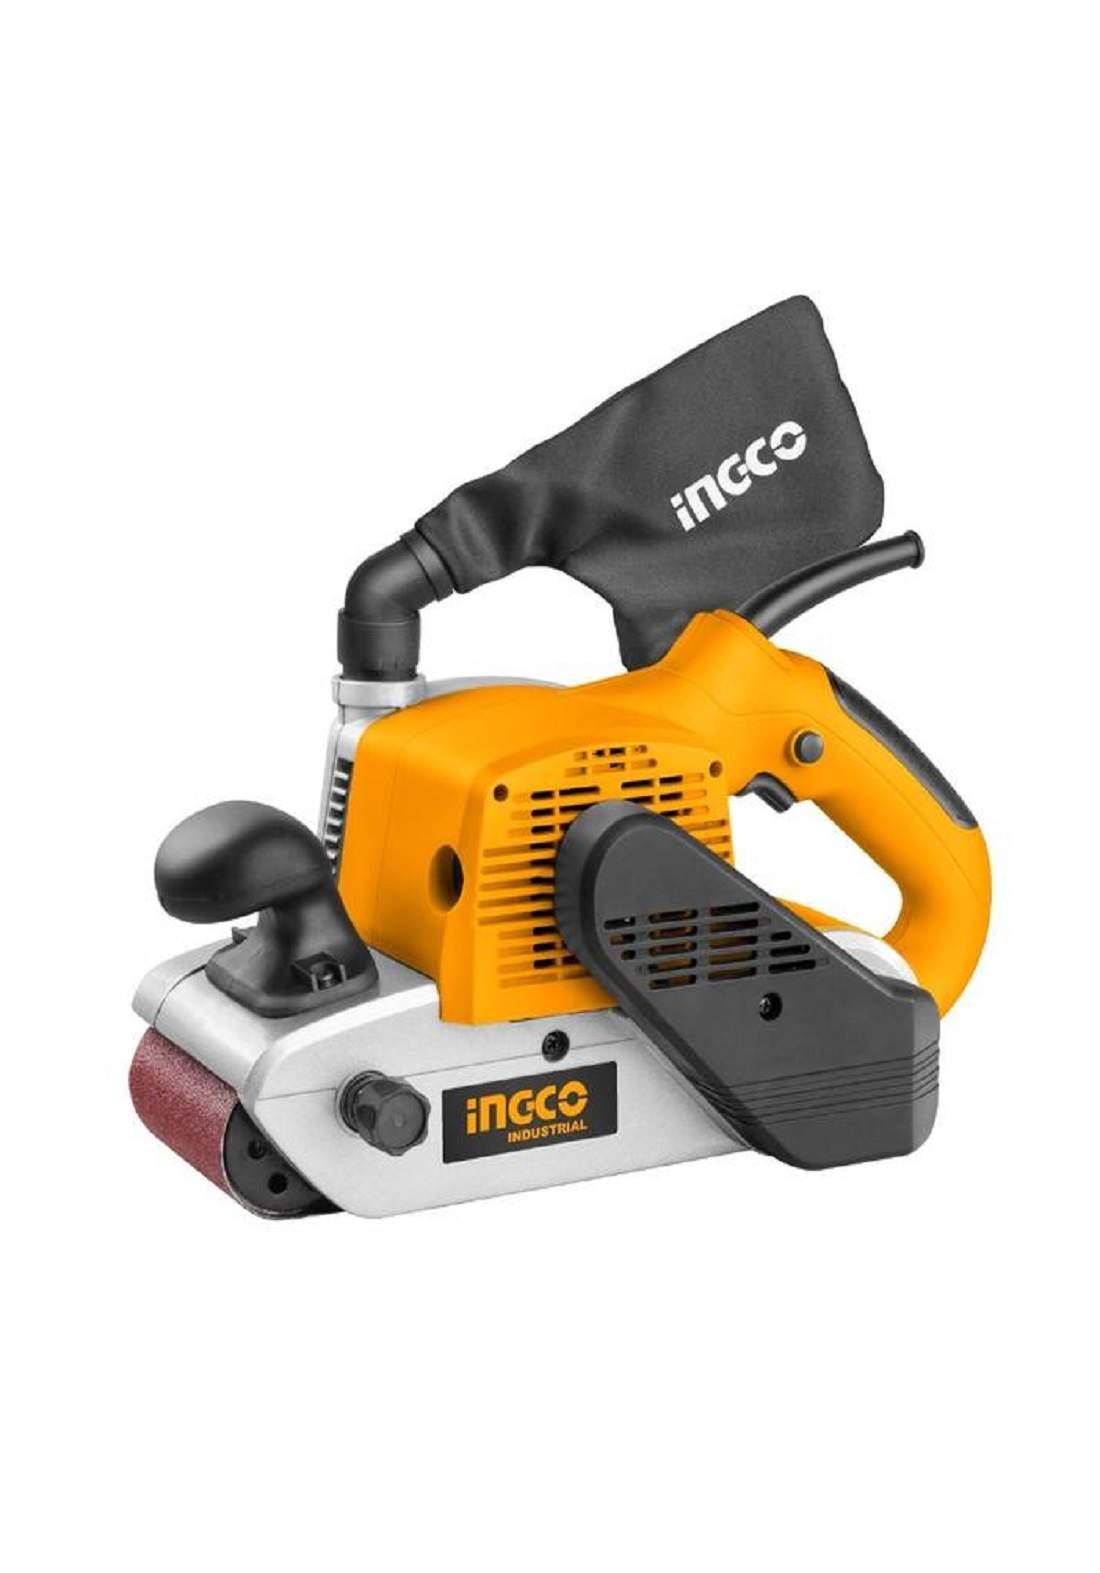 INGCO PBS12001 Belt Sander 1200W ماكنة كاغد رولة 100 ملم 1200 واط